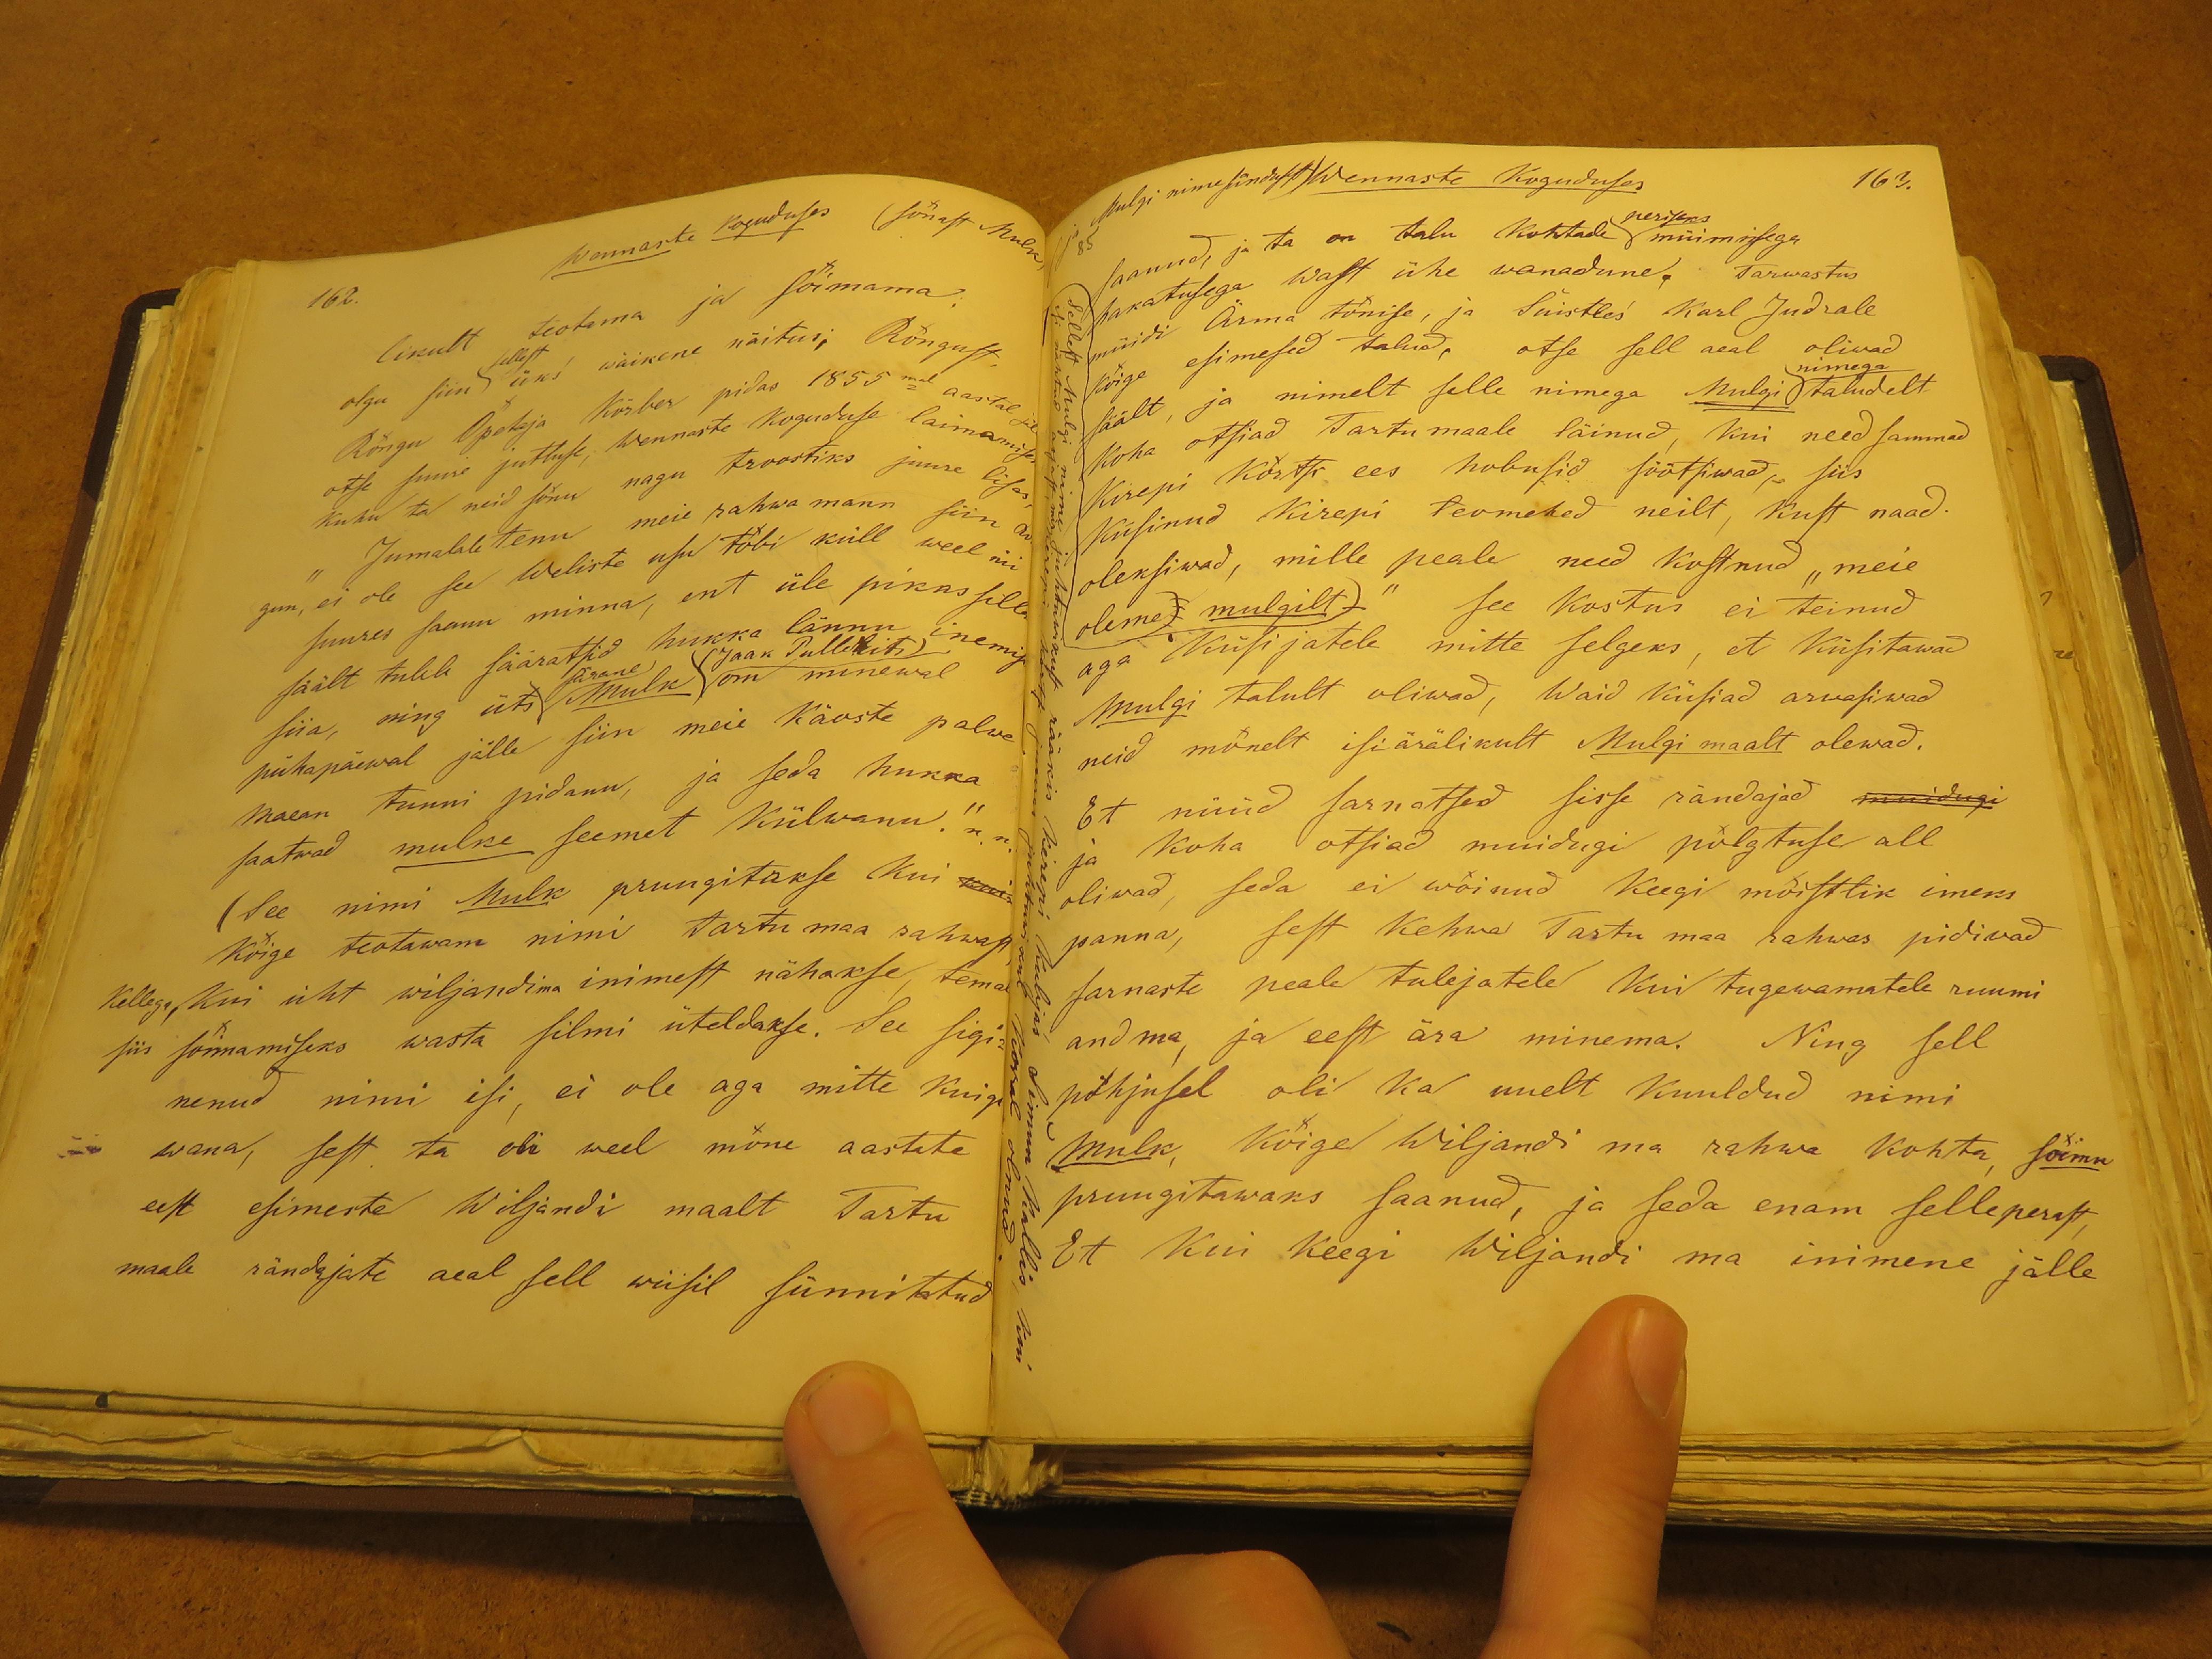 Paistust Tartumaale asunud Märt Mitt (1833‒1912) arutab Mulgi teemat oma mälestustes , mis ta on tõenäoliselt kirja pannud 1860. aastate teisel poolel või 1870. aastatel. illustratsioon-1-002